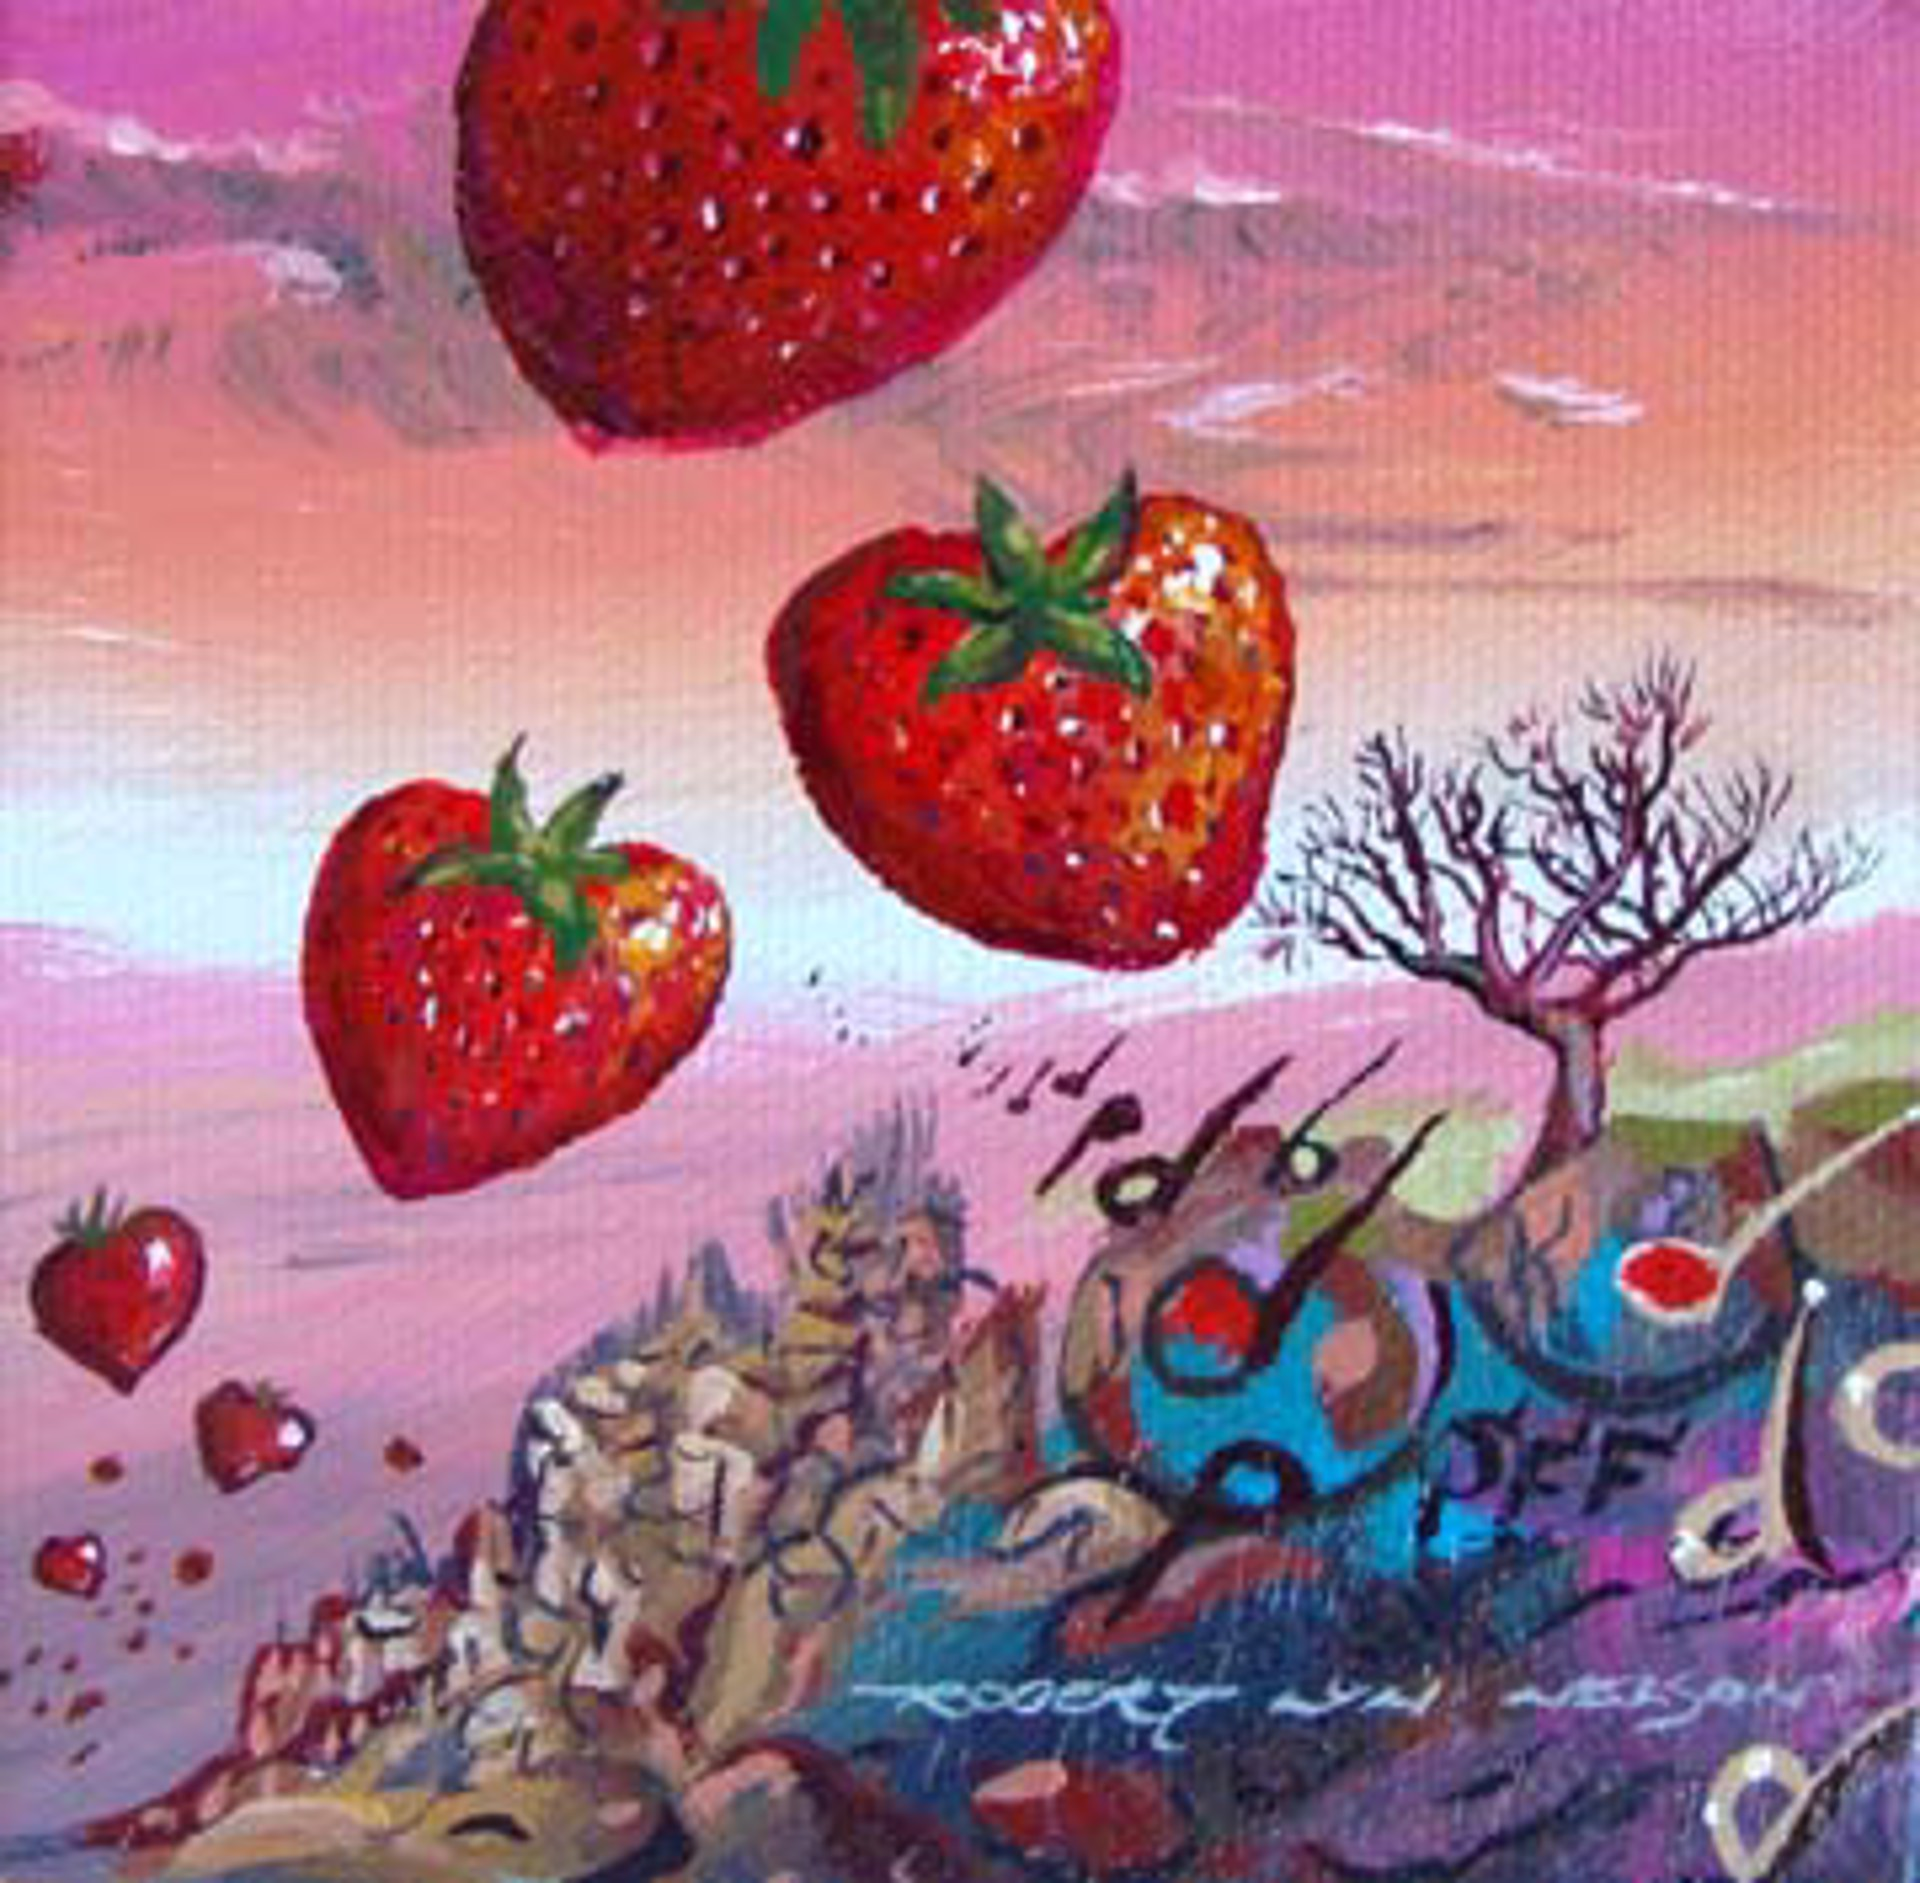 Strawberry Fields Forever II by Robert Lyn Nelson